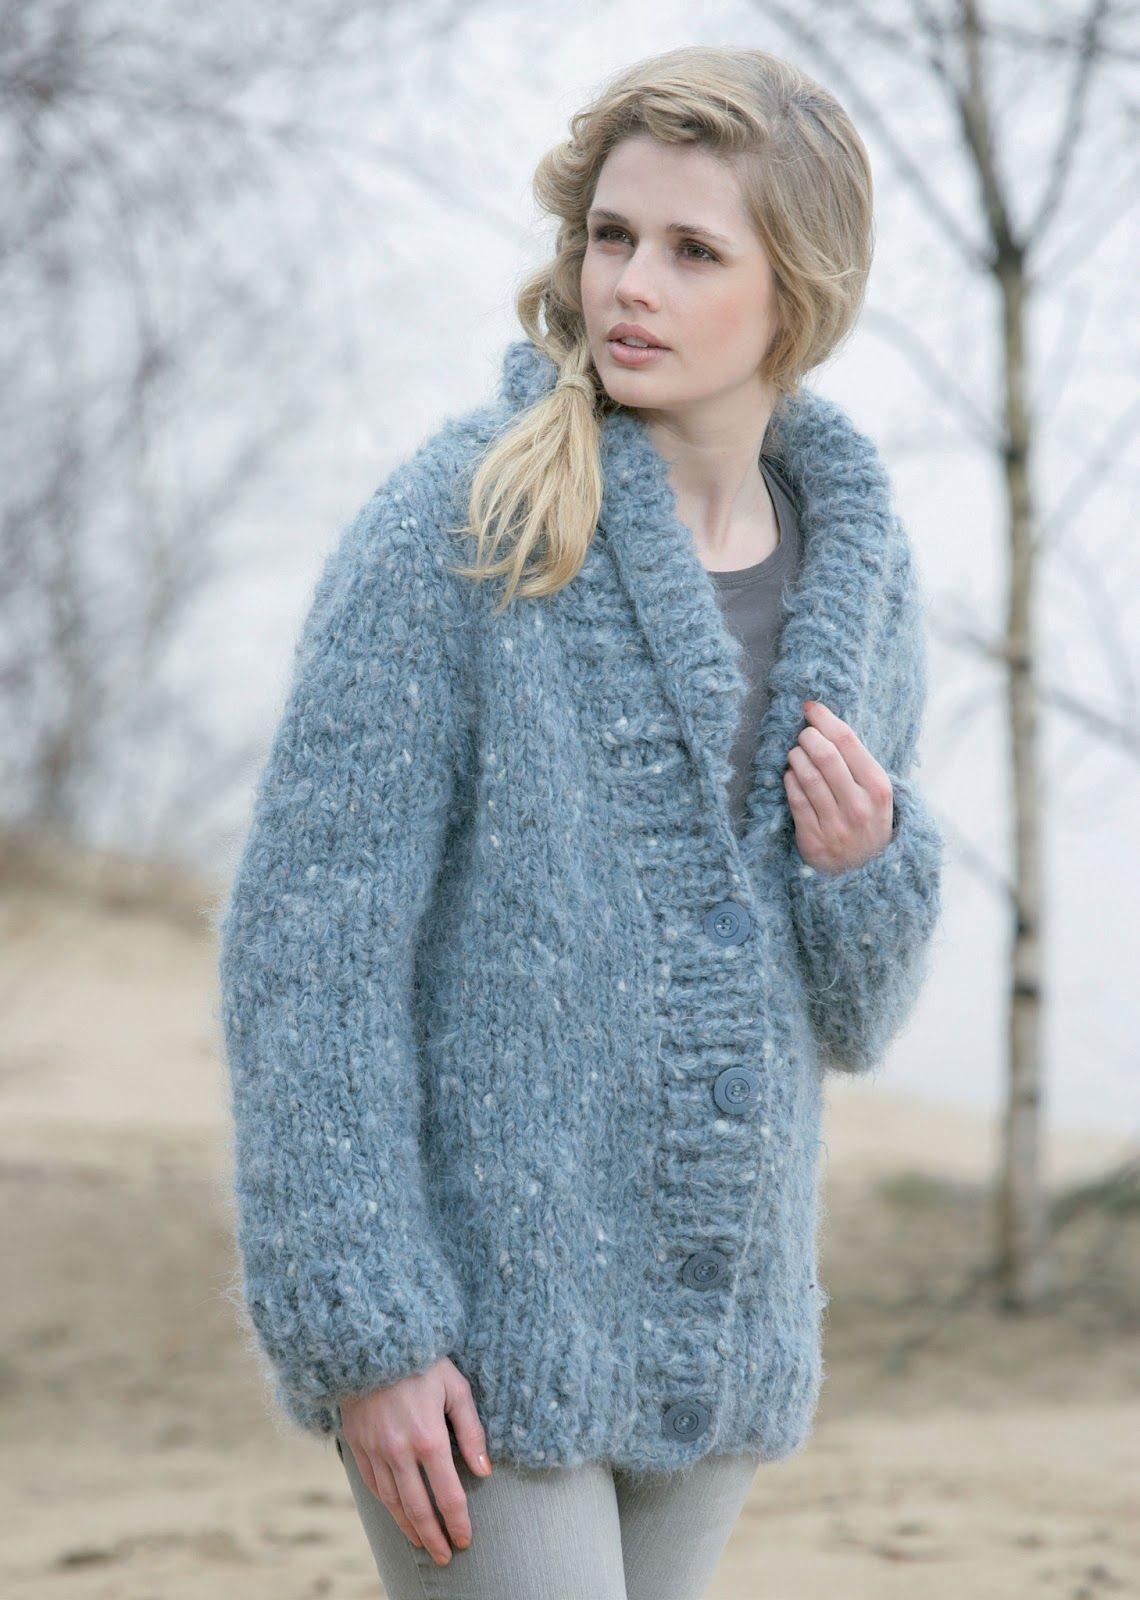 modele gilet tricot femme gratuit a telecharger